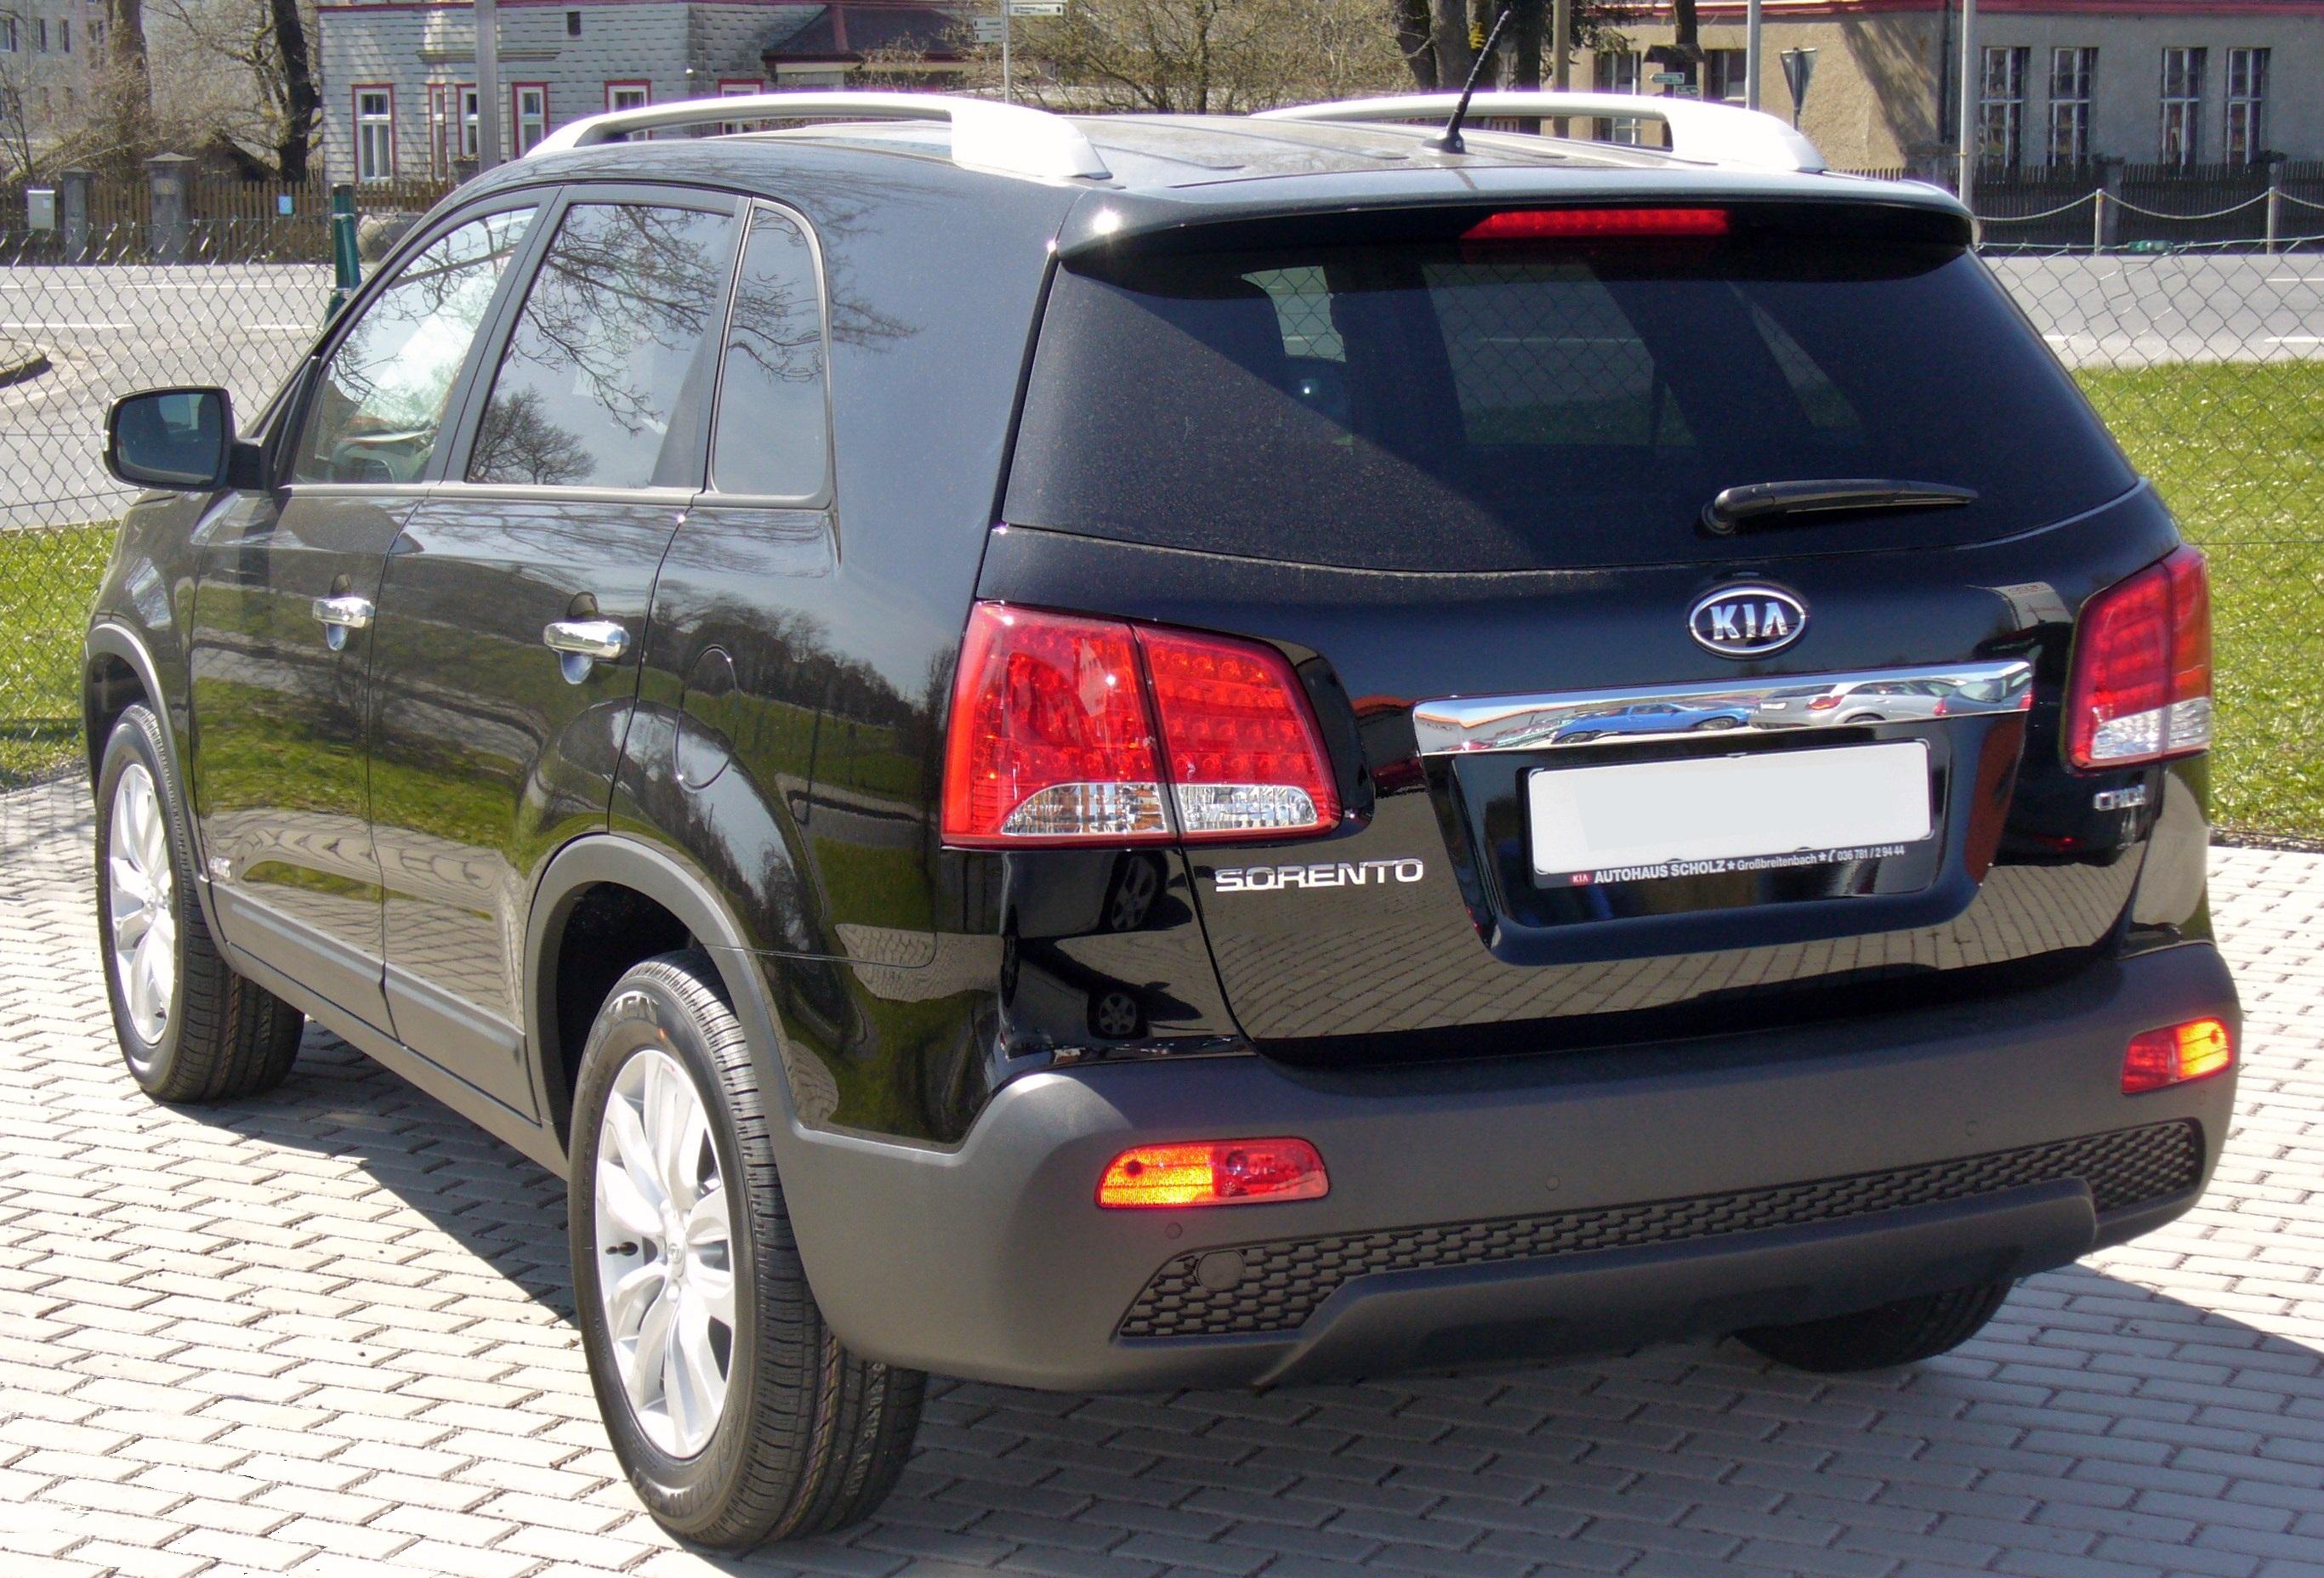 Kia Sorento 2.2 CRDi 4WD